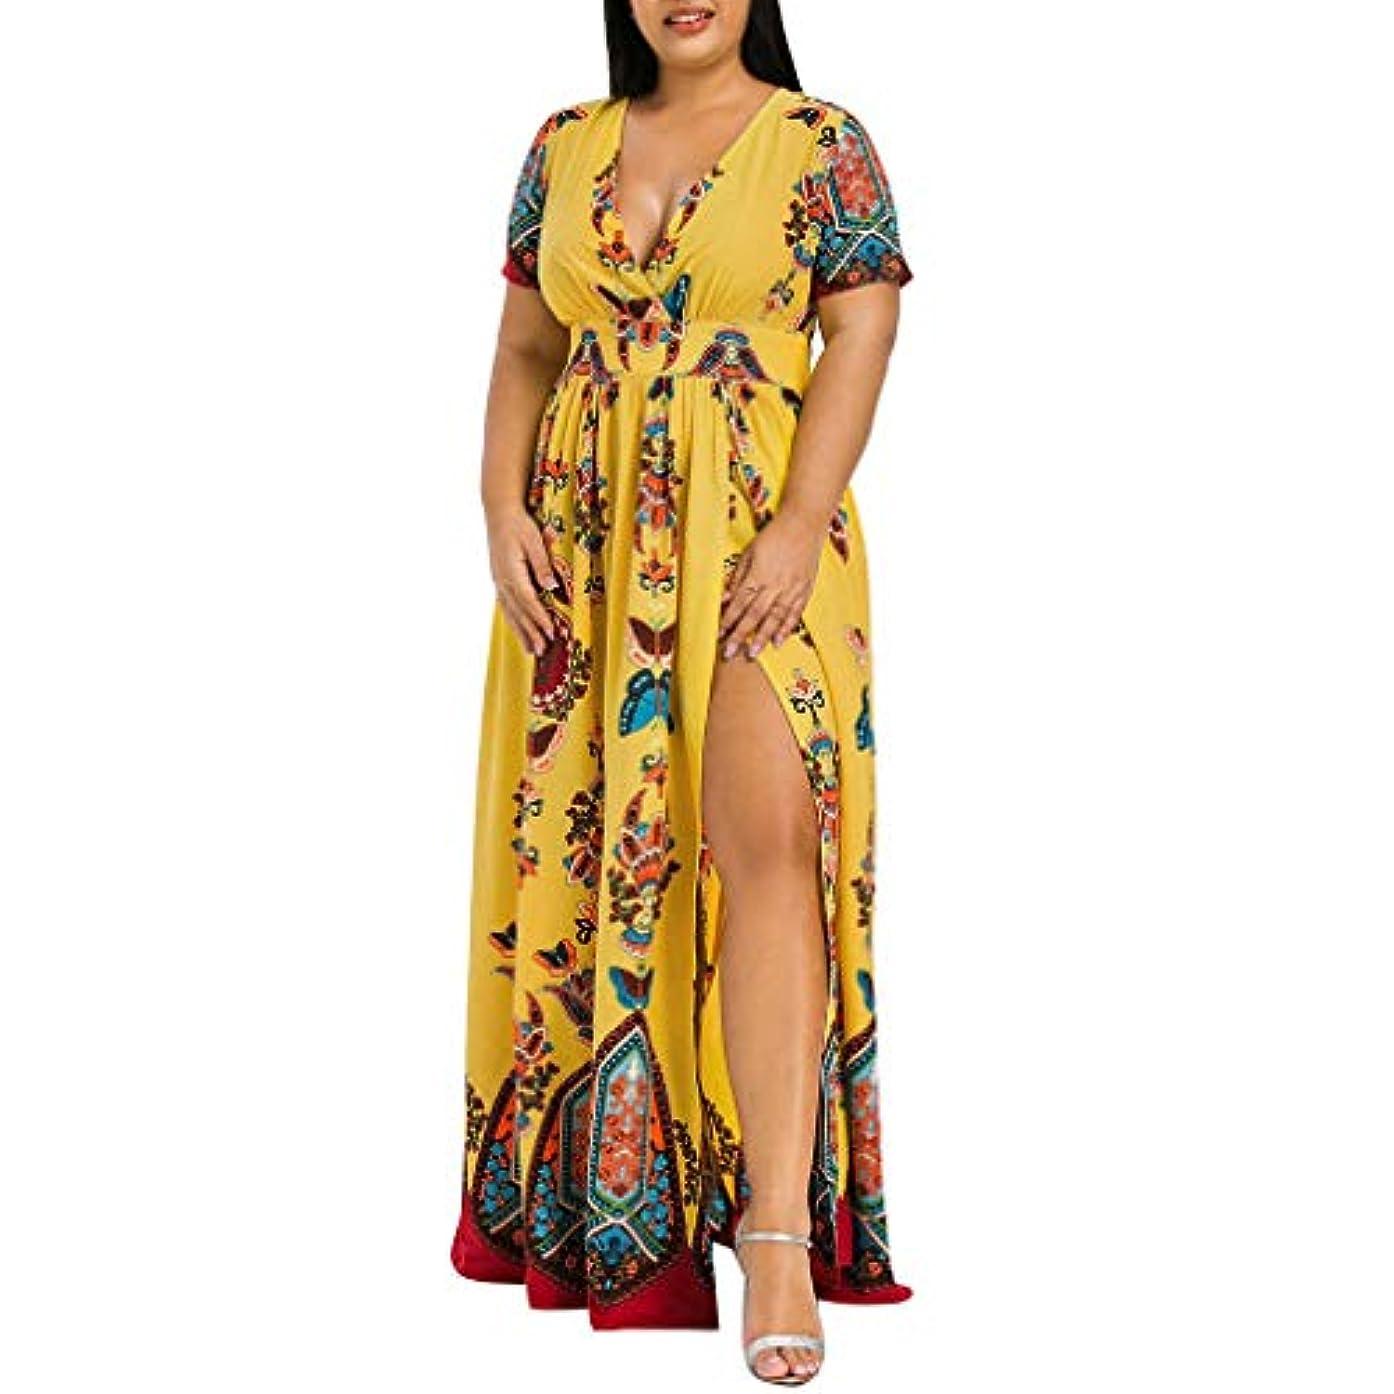 協定運河ファンブルSakuraBest Women Butterfly Printed V-Neck Short Sleeve High Split Long Dress Plus Size